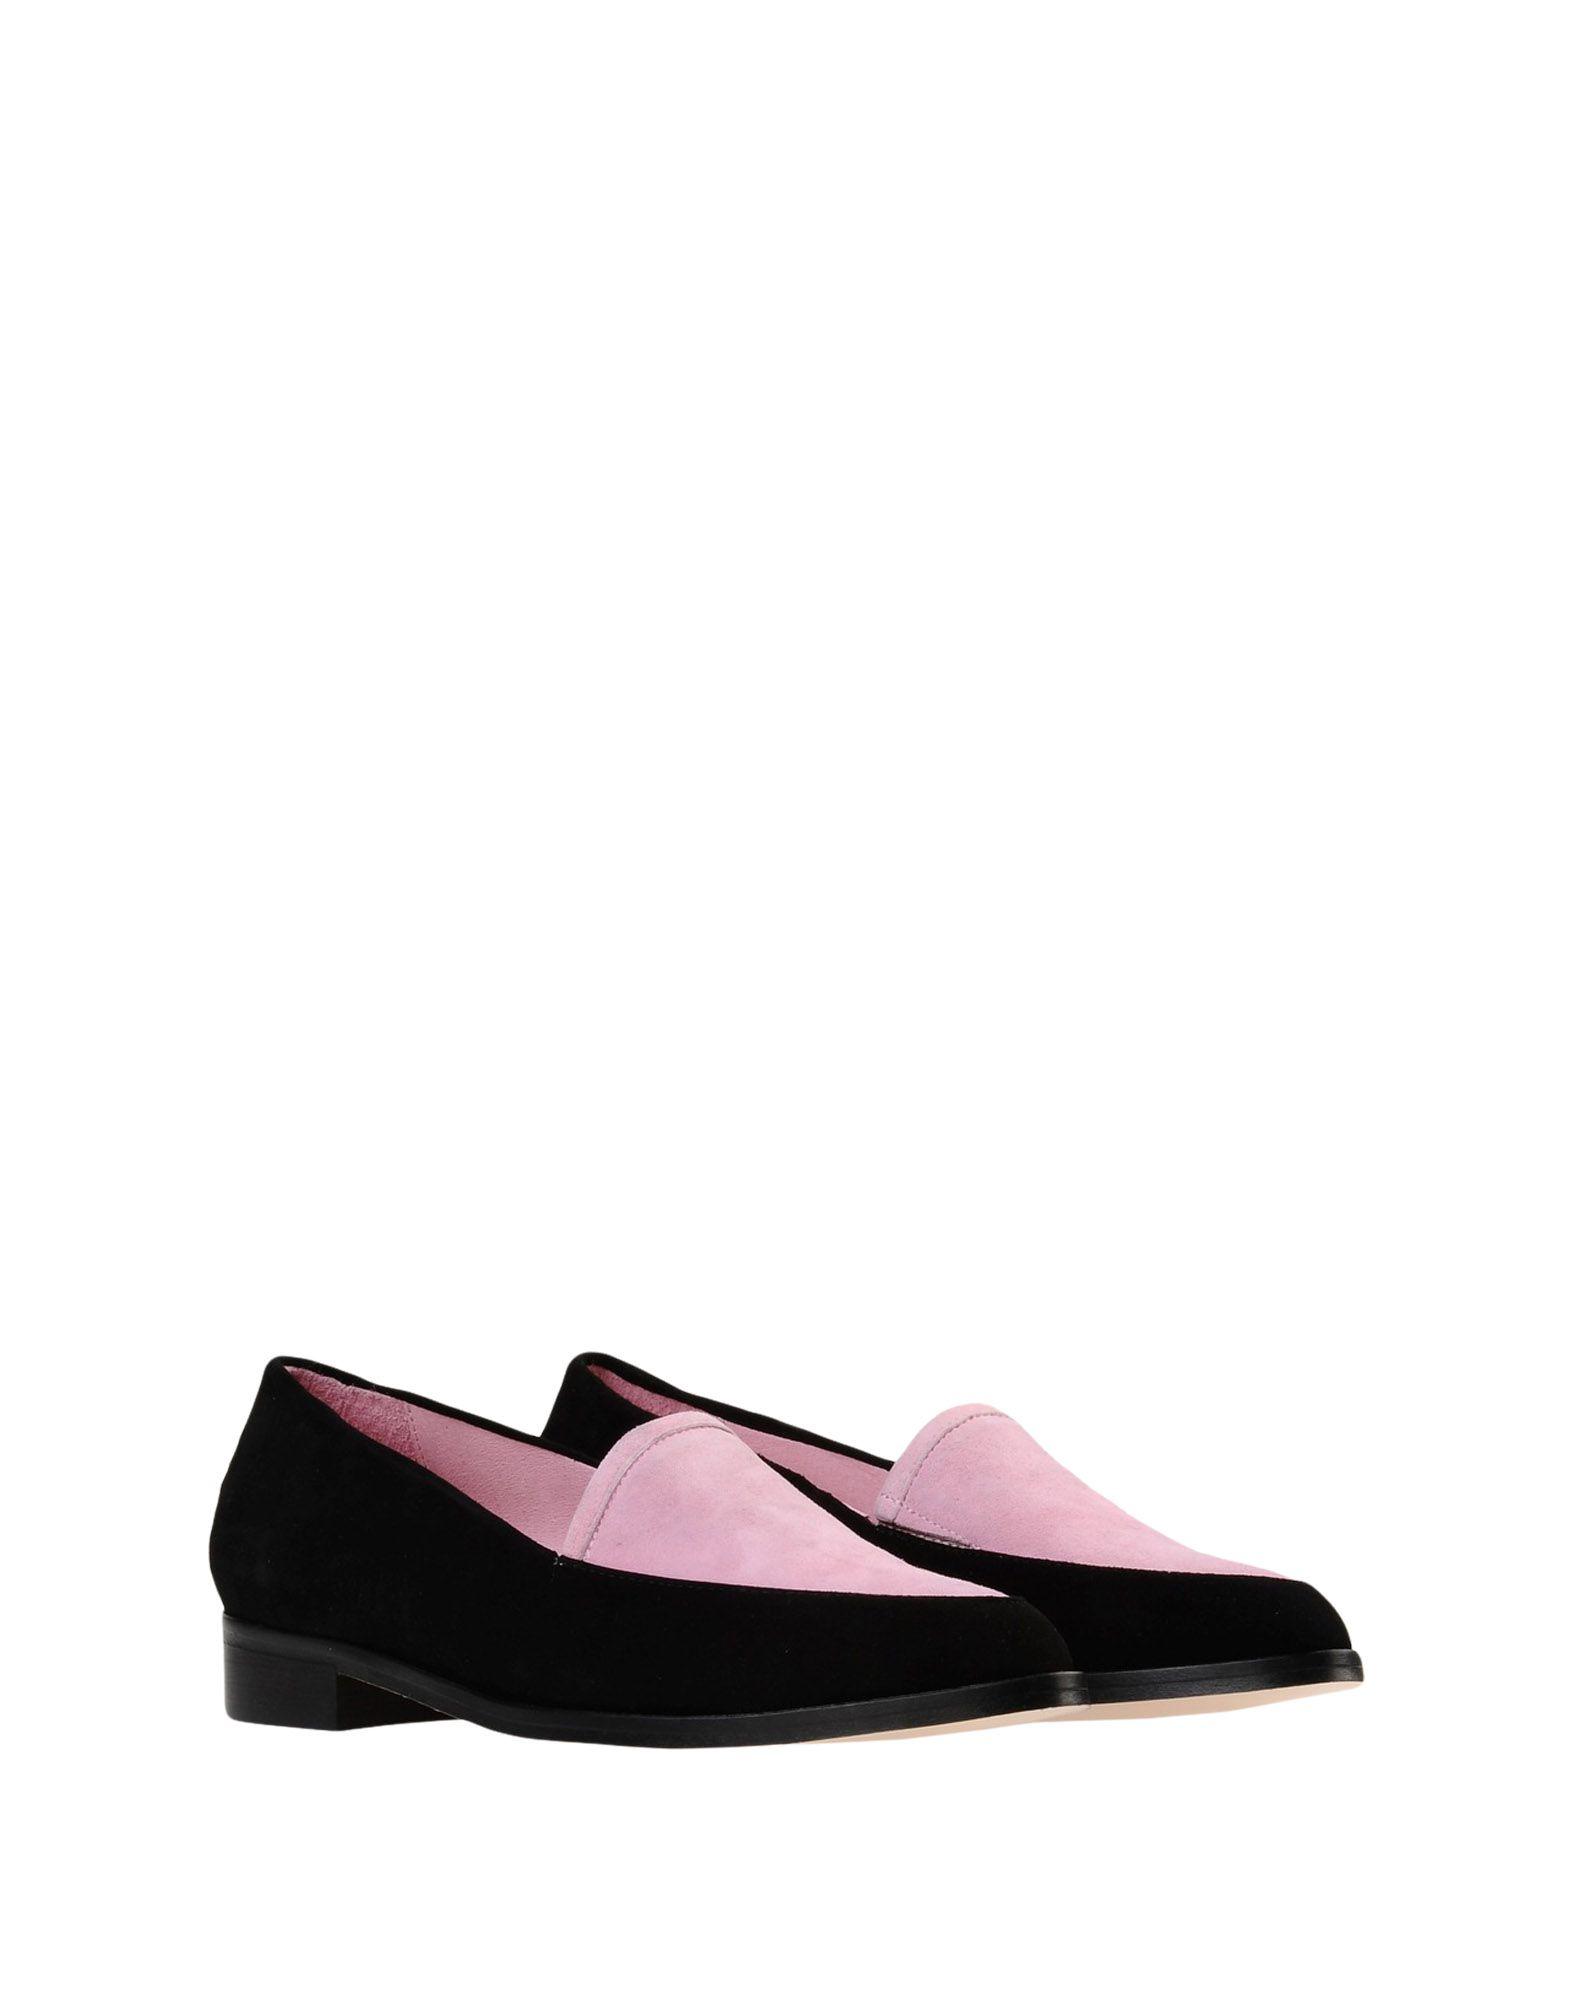 Maison Shoeshibar Mokassins beliebte Damen  11470851PT Gute Qualität beliebte Mokassins Schuhe 322de7